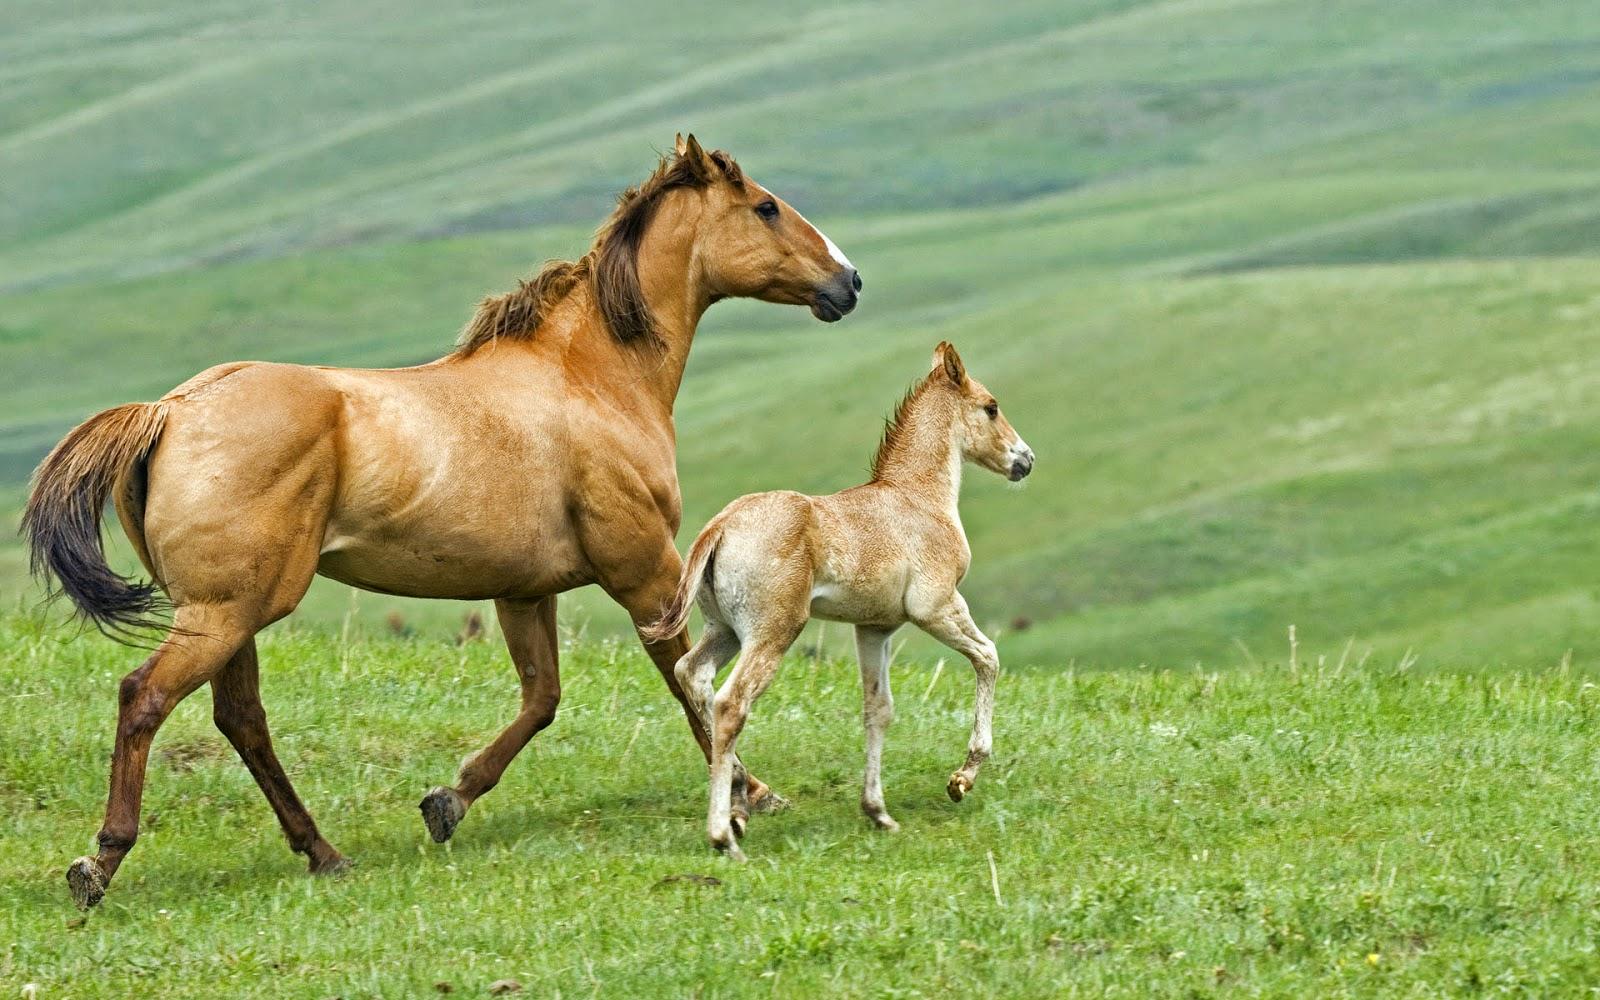 Mooie Paarden Wallpapers Hd Wallpapers